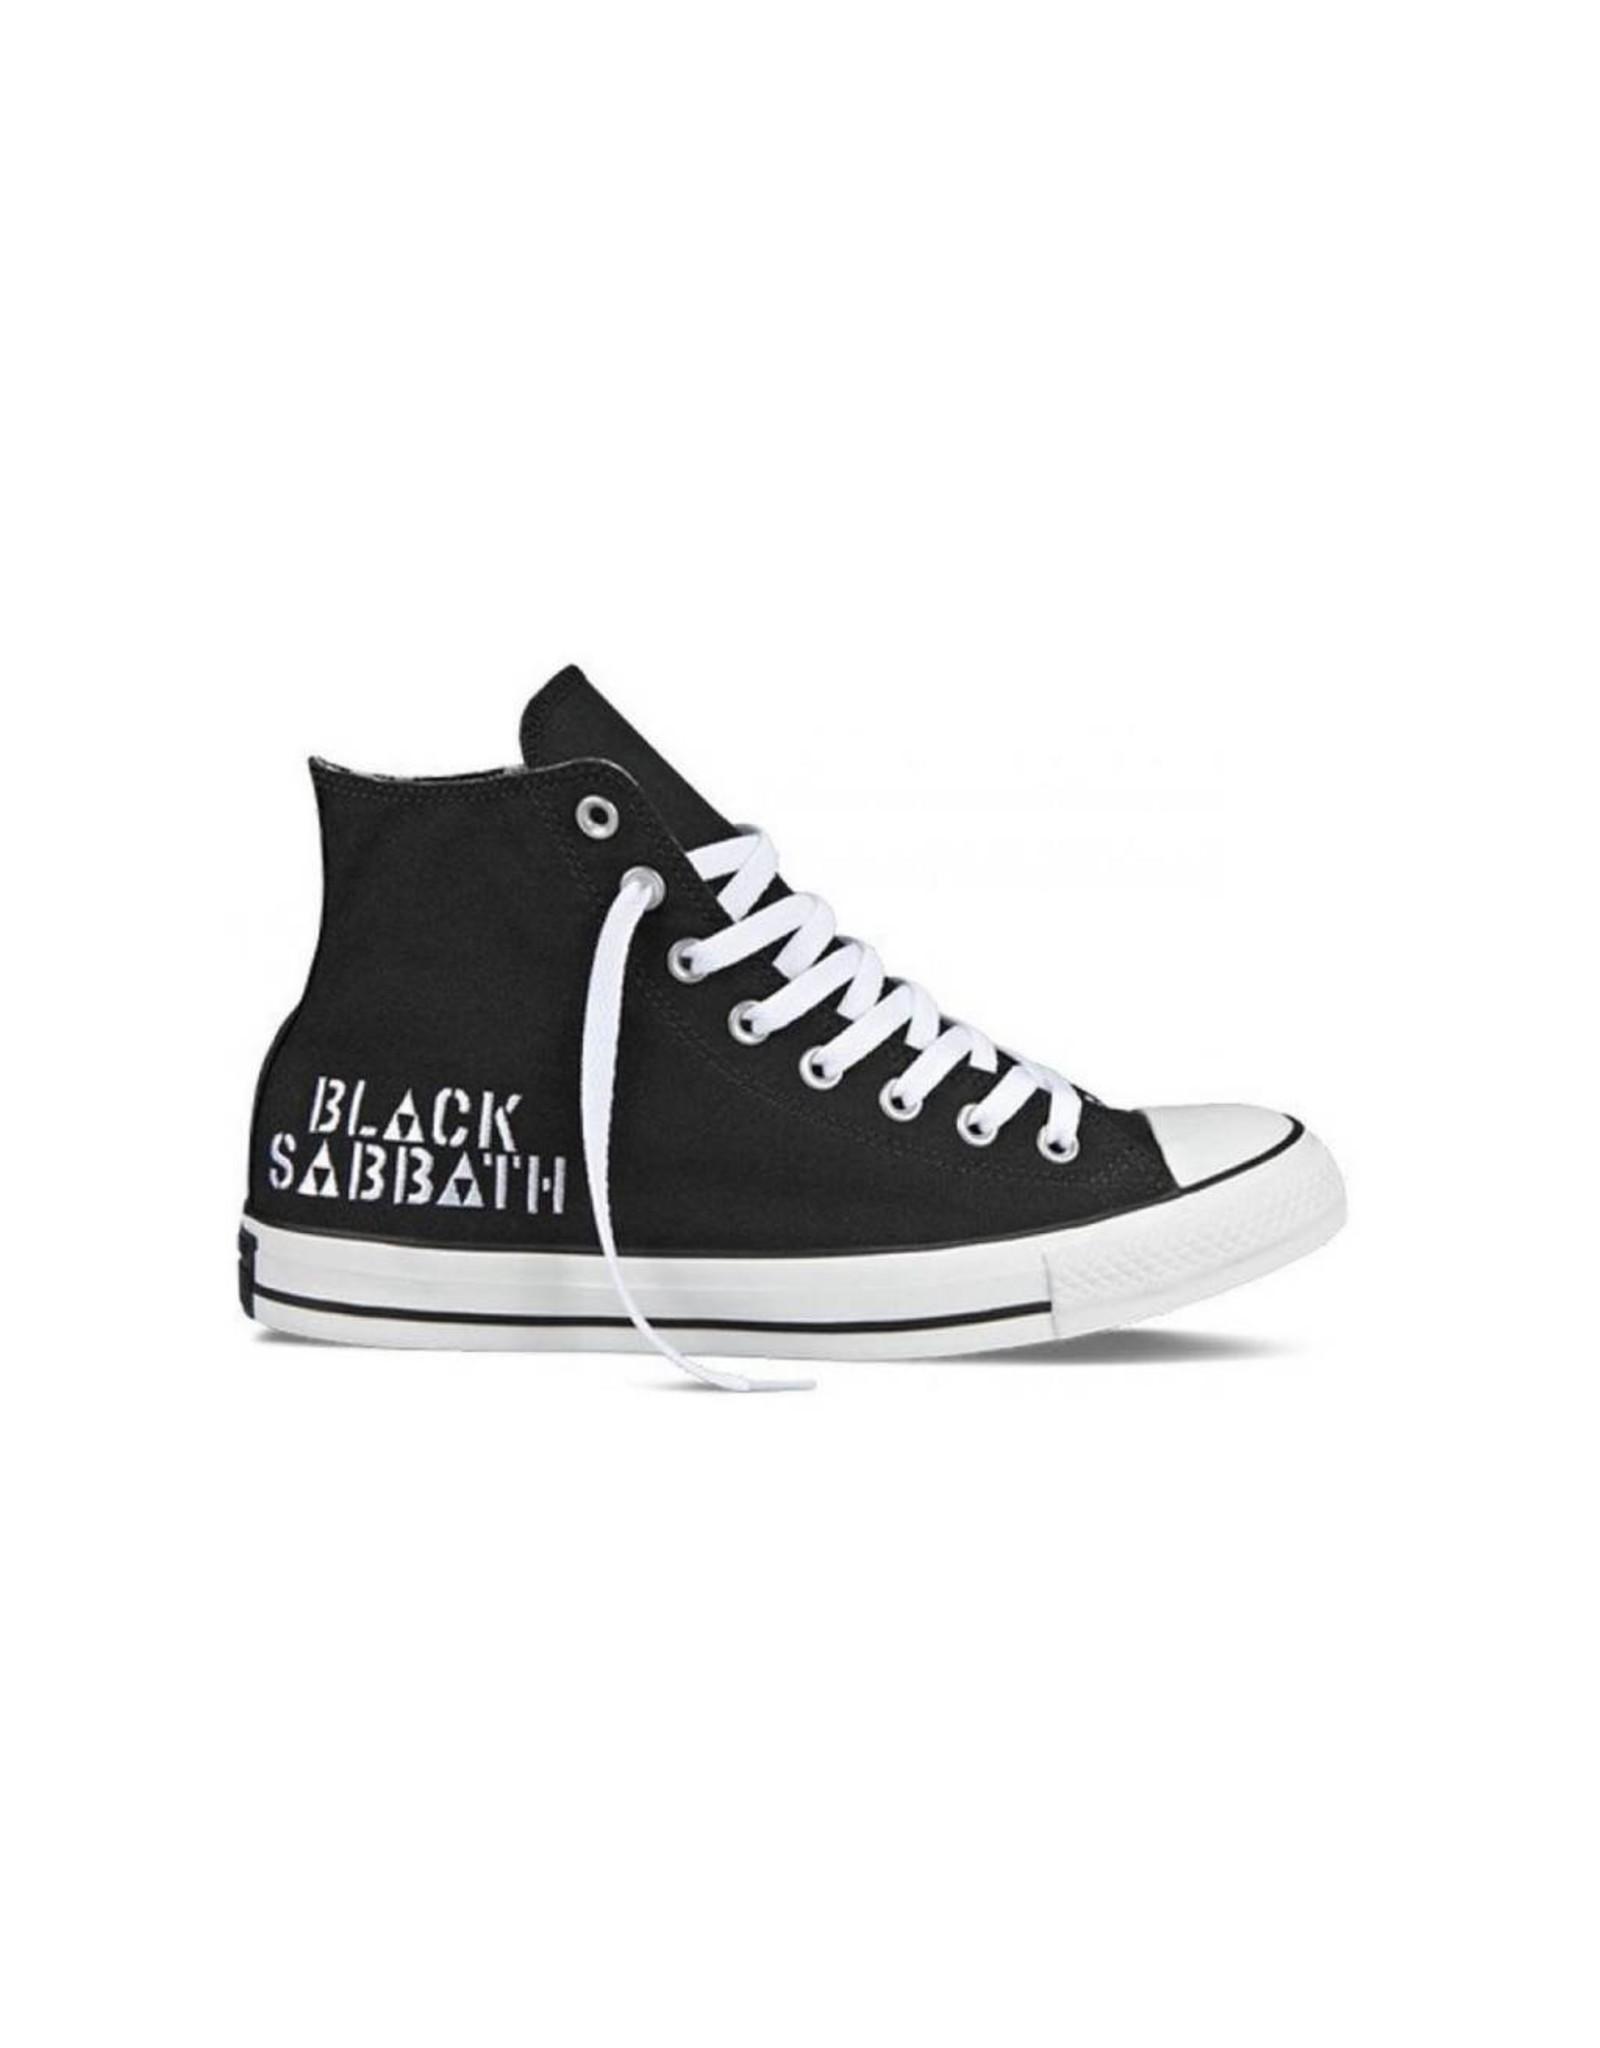 CONVERSE Chuck Taylor HI BLACK SABBATH BAND C14BS-143186C